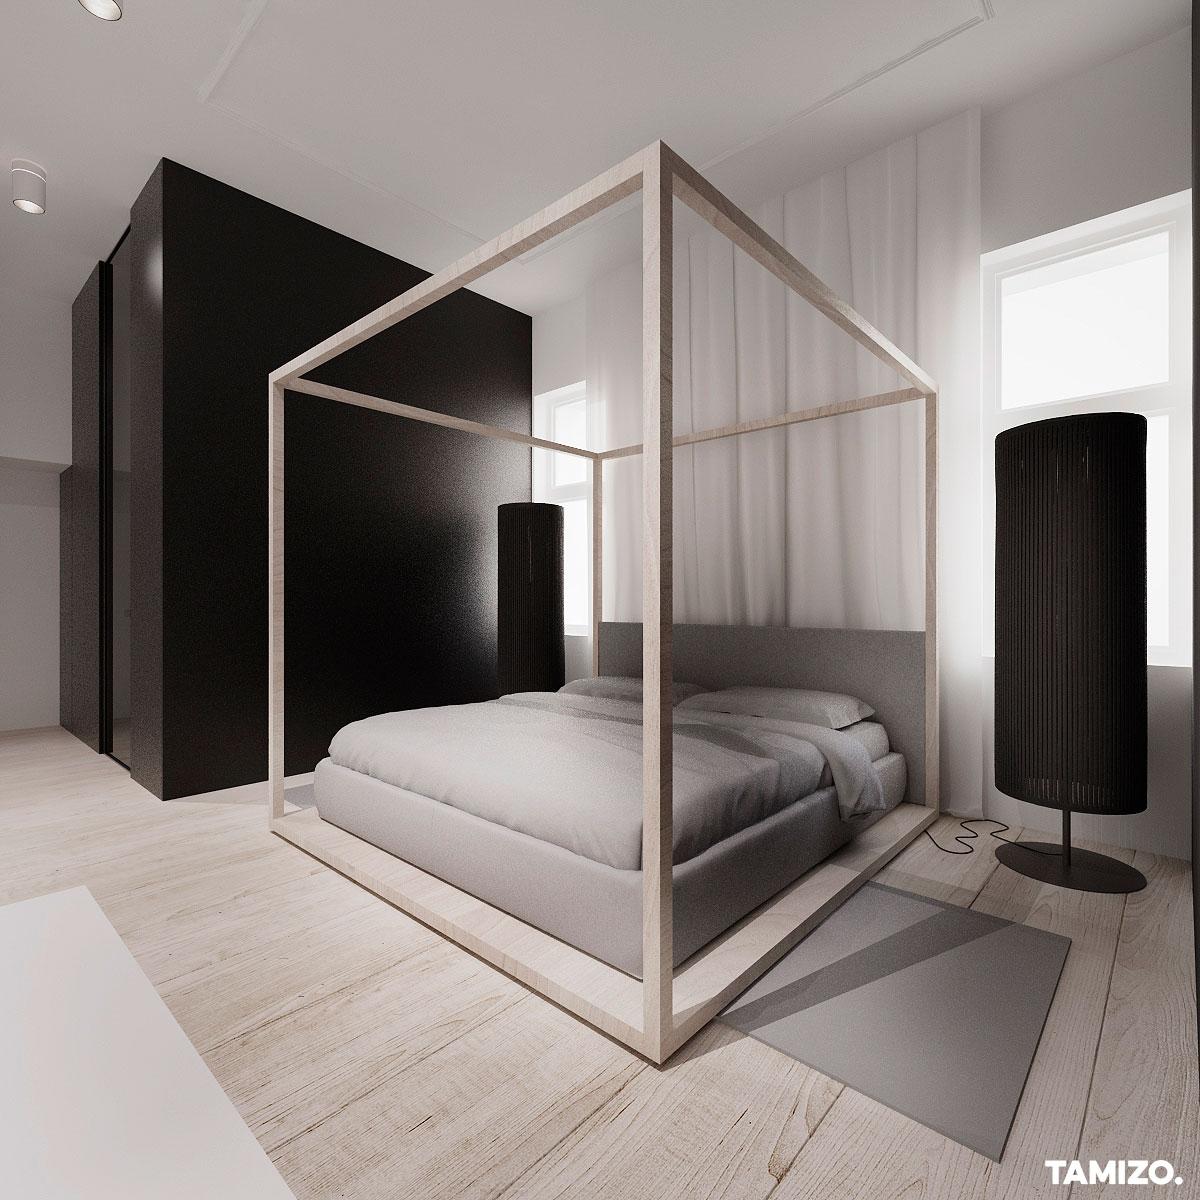 I057_tamizo_architekci_projekt-wnetrz-stara-kamienica-wnetrze-klasyczne-minimalizm-warszawa-15